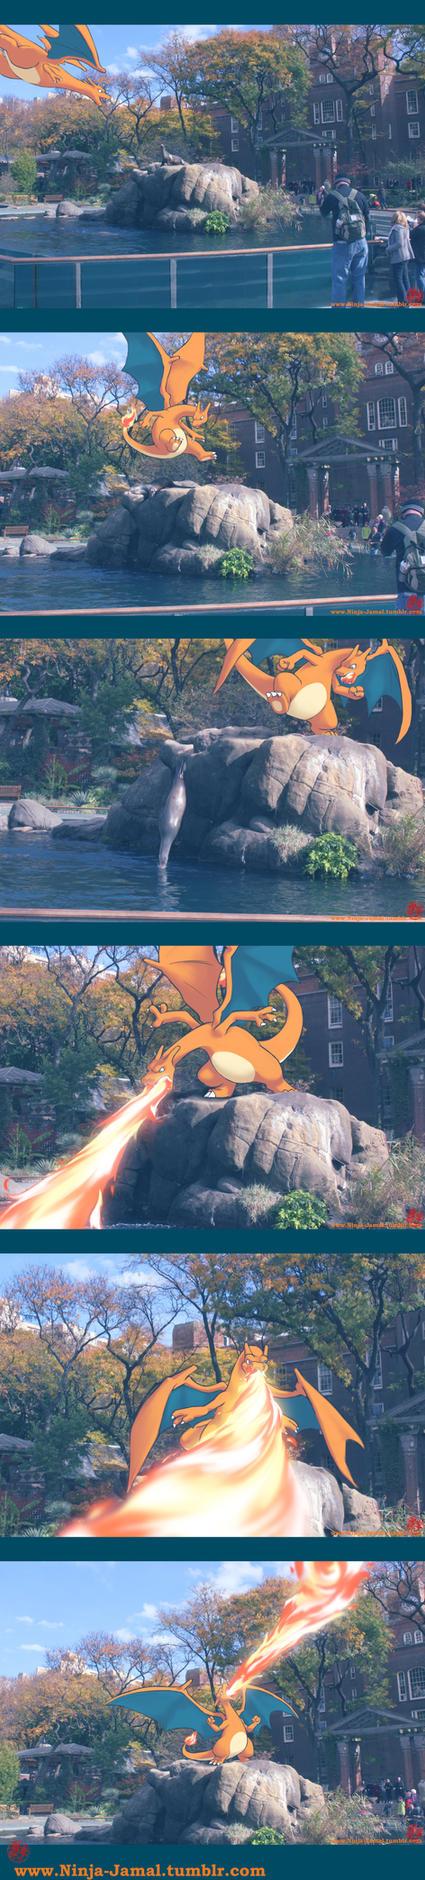 Wild CHarizard in NY by Ninja-Jamal